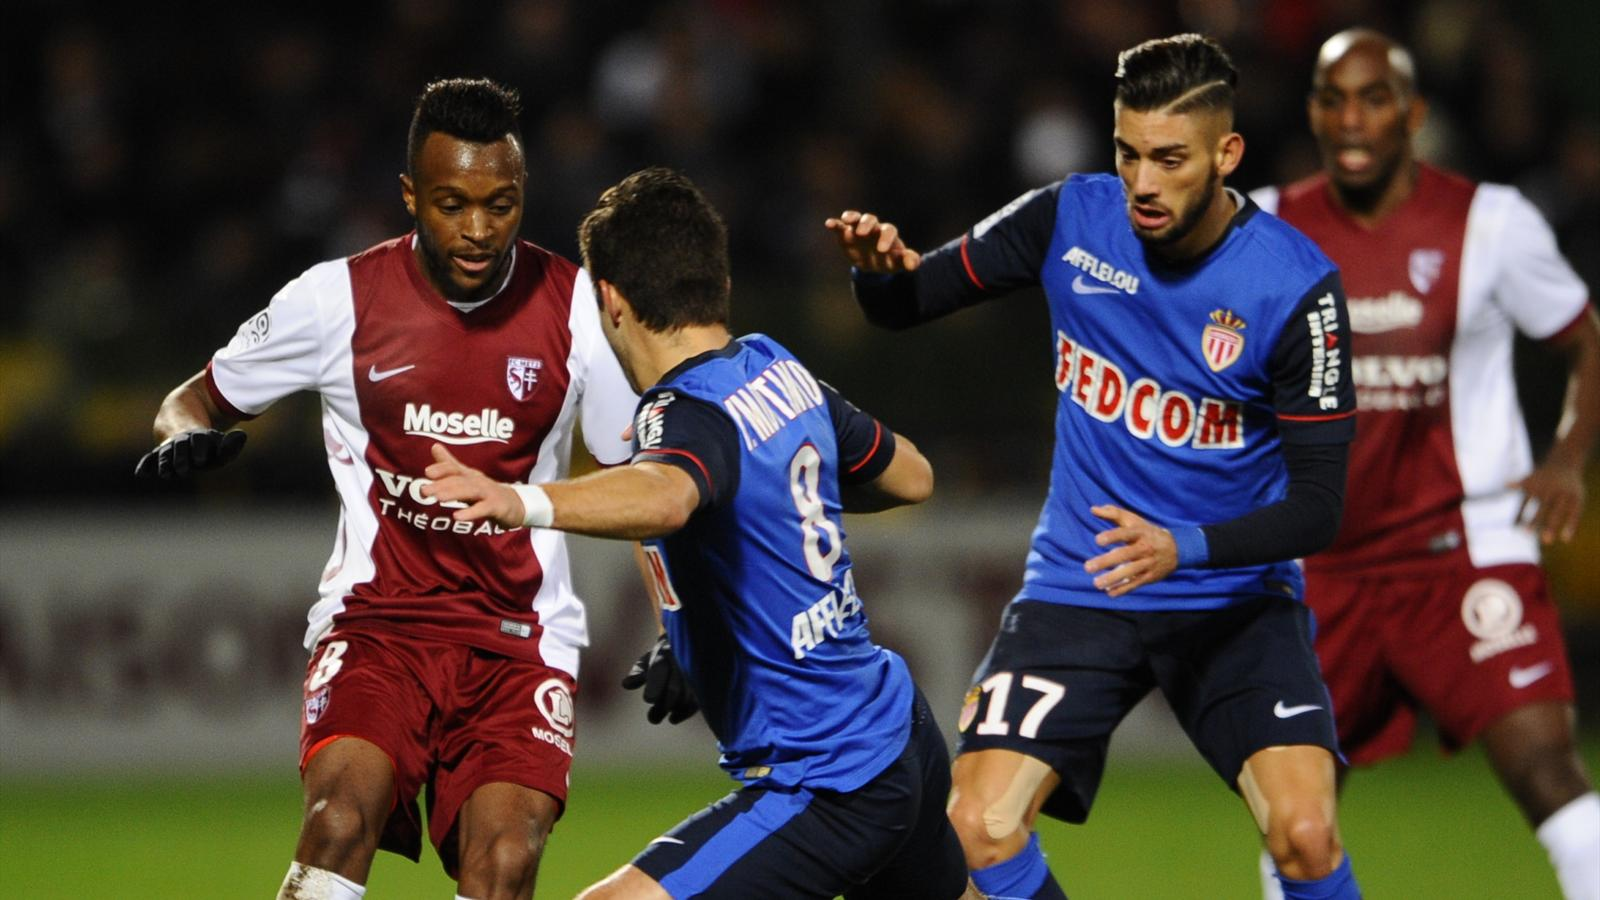 Video: Metz vs Monaco